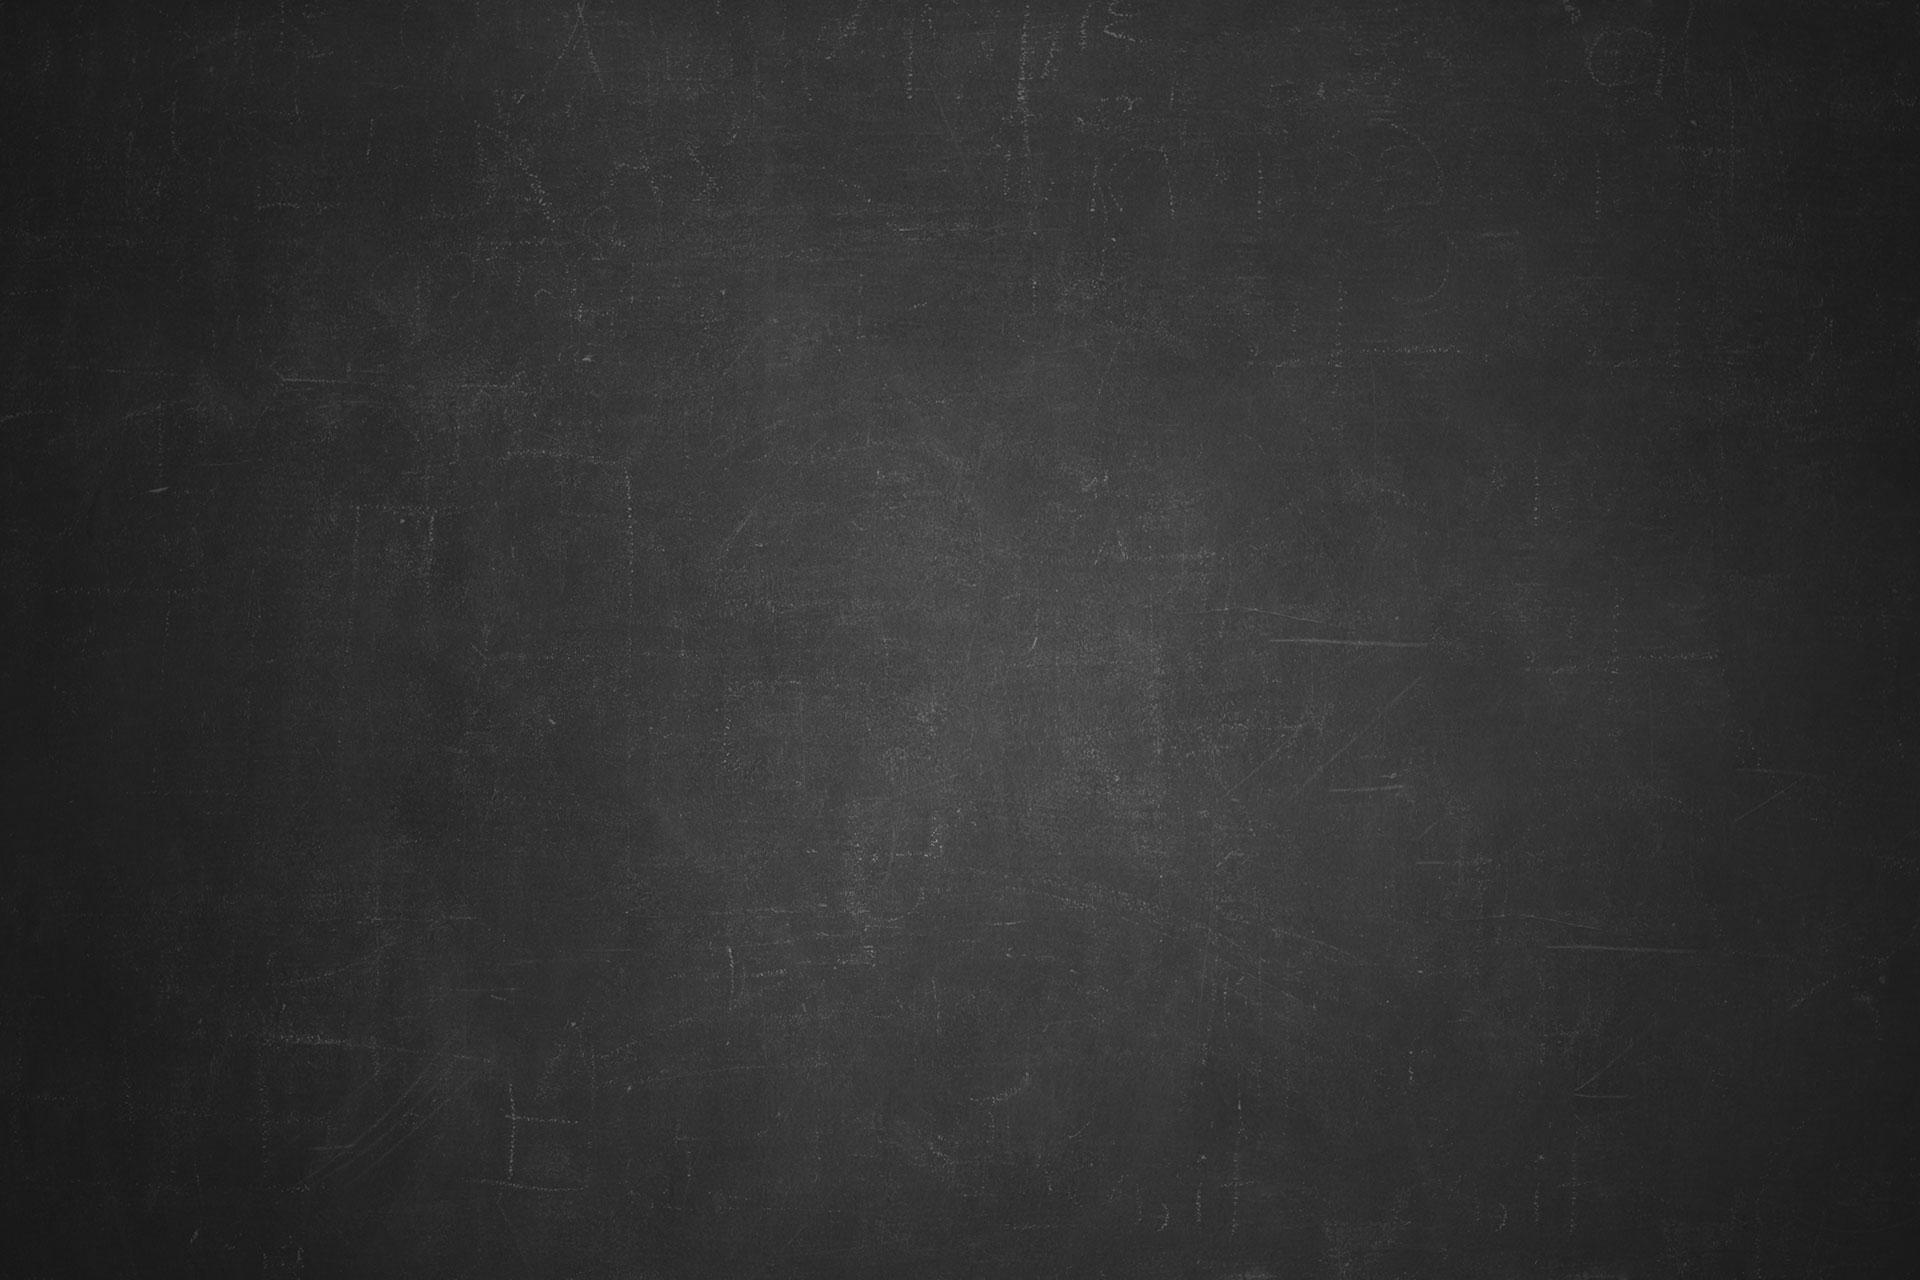 dark-chalkboard_low